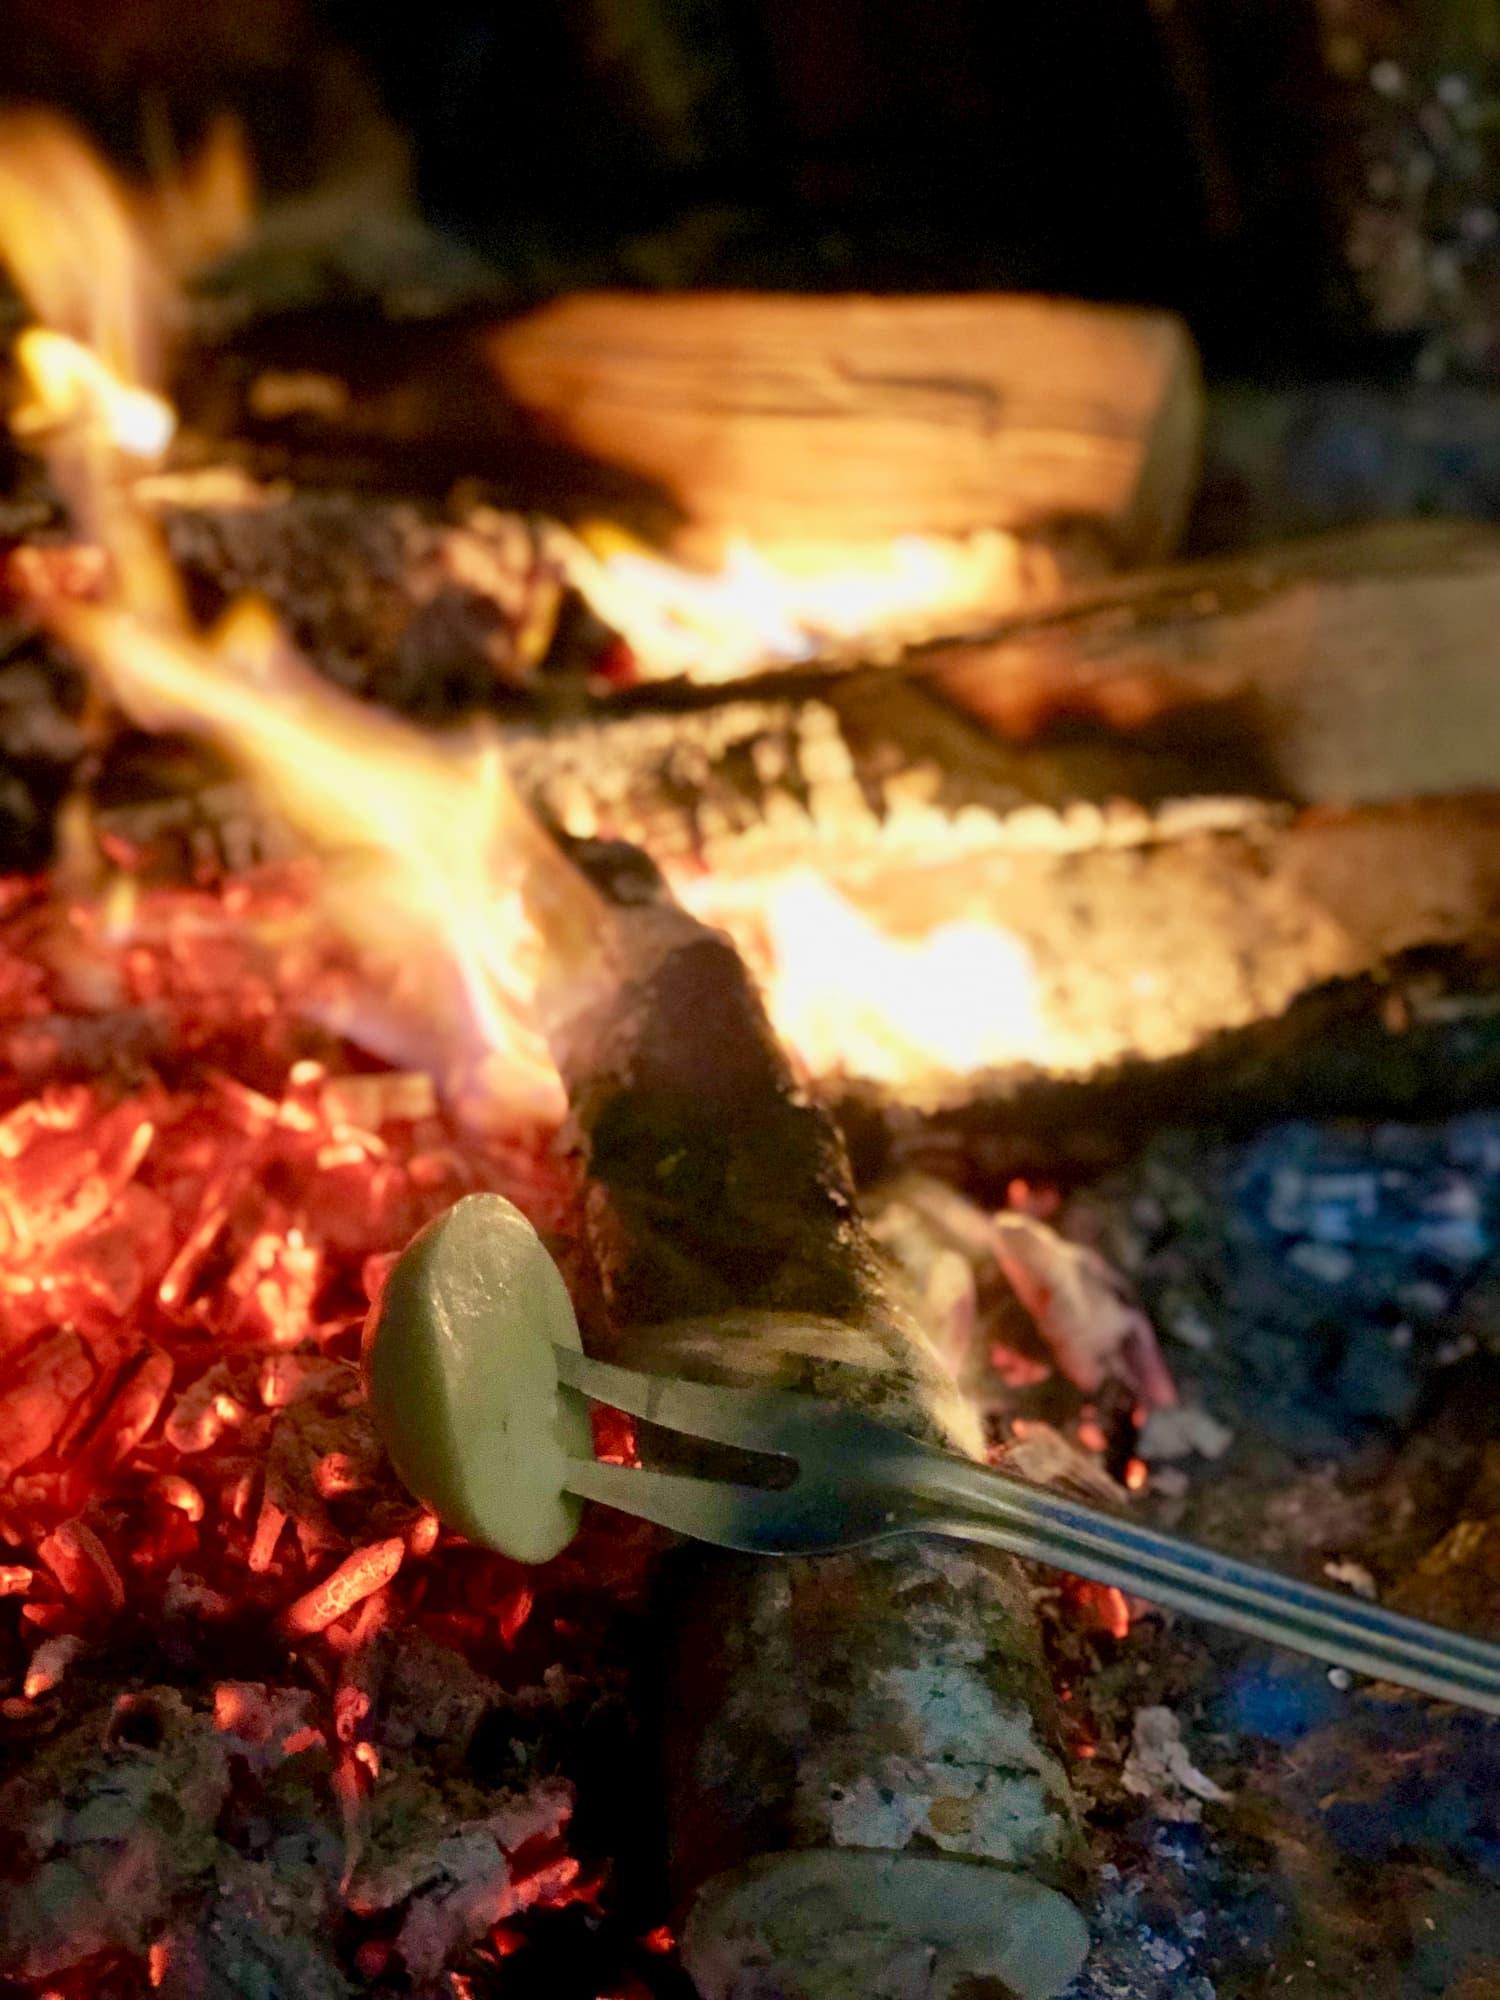 移牧中にもチーズをつくりながら移動し、暖炉で温めて食べてみたチーズは絶品